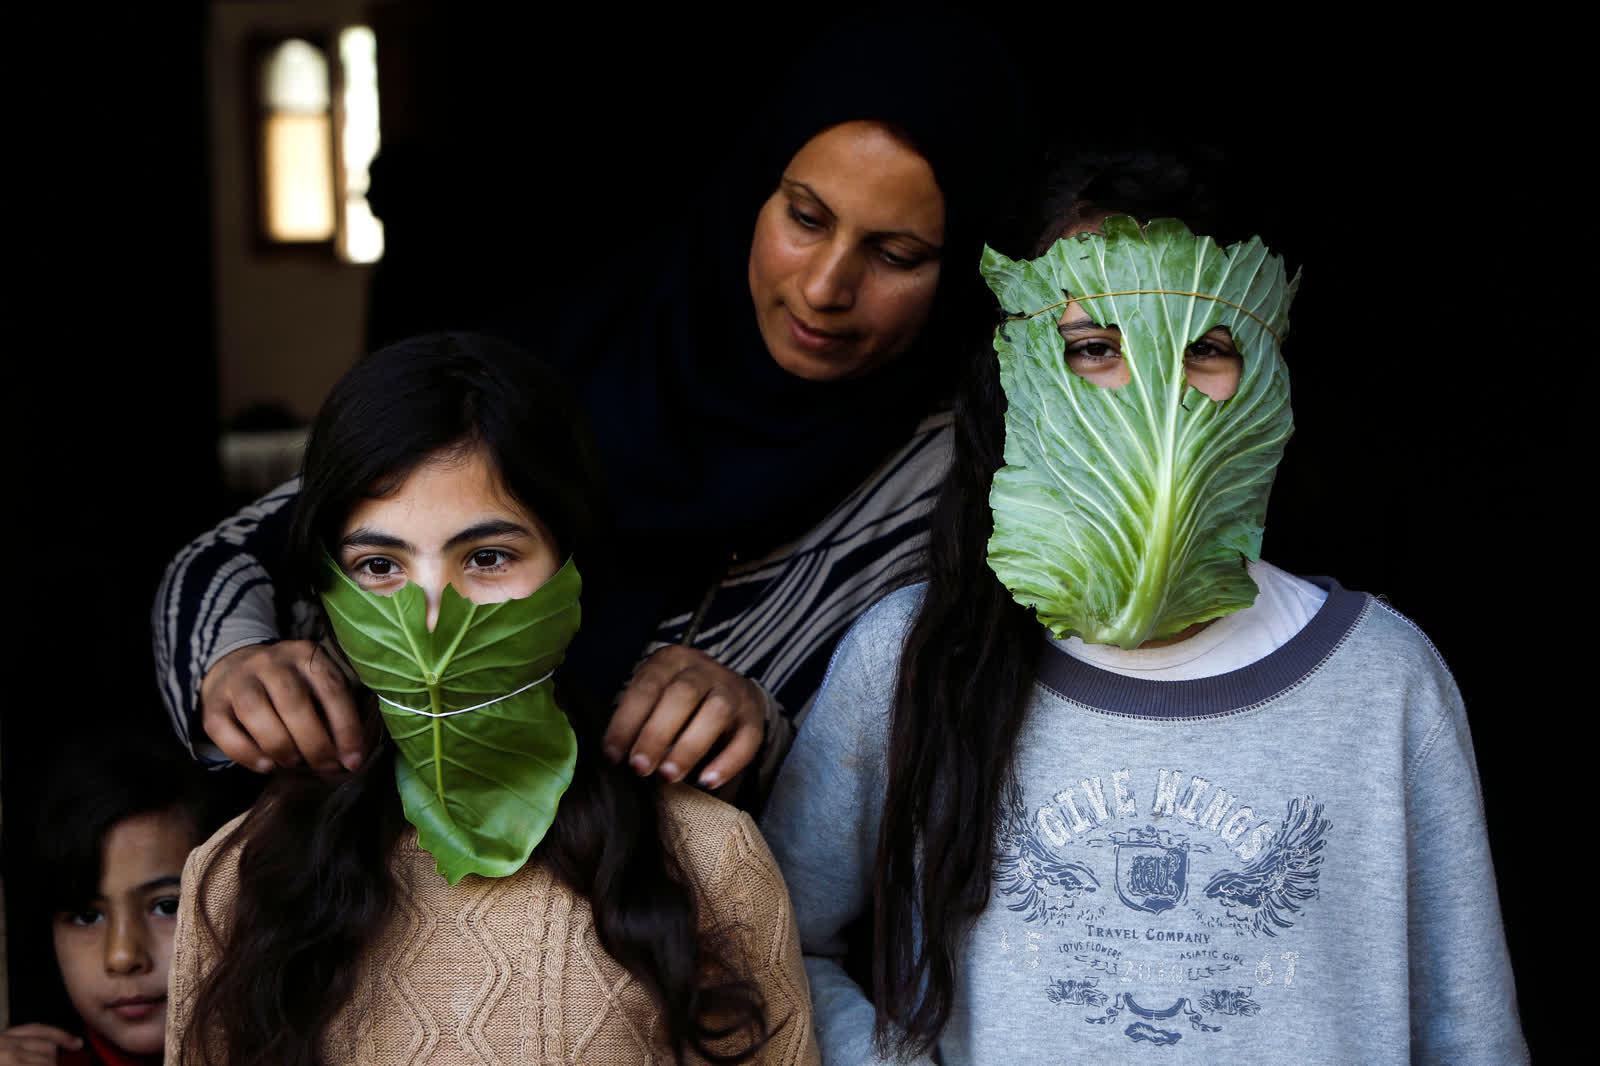 4 дүгээр сарын 16. Газын зурвас дахь Бейт Лахиа хотод хоол хийж байхдаа байцаагаар хийсэн нүүрний хаалтаар хүүхдүүдээ хамгаалж байгаа нь... /Photo by Mohammed Abed/